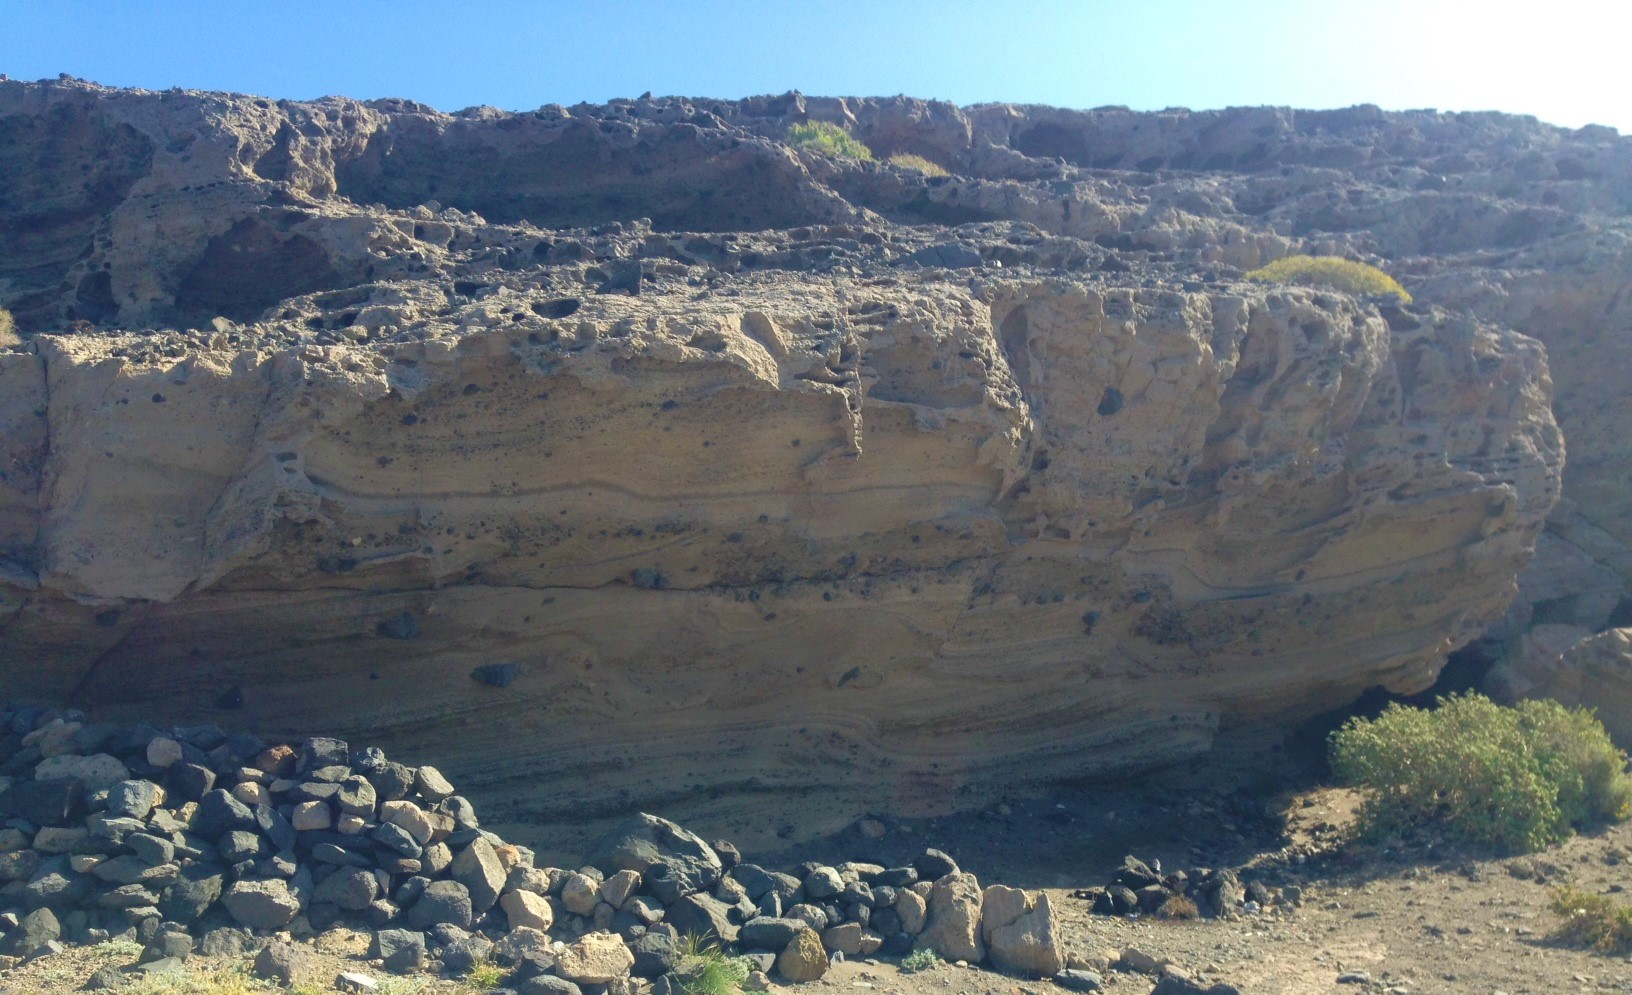 cueva montaña pelada viento